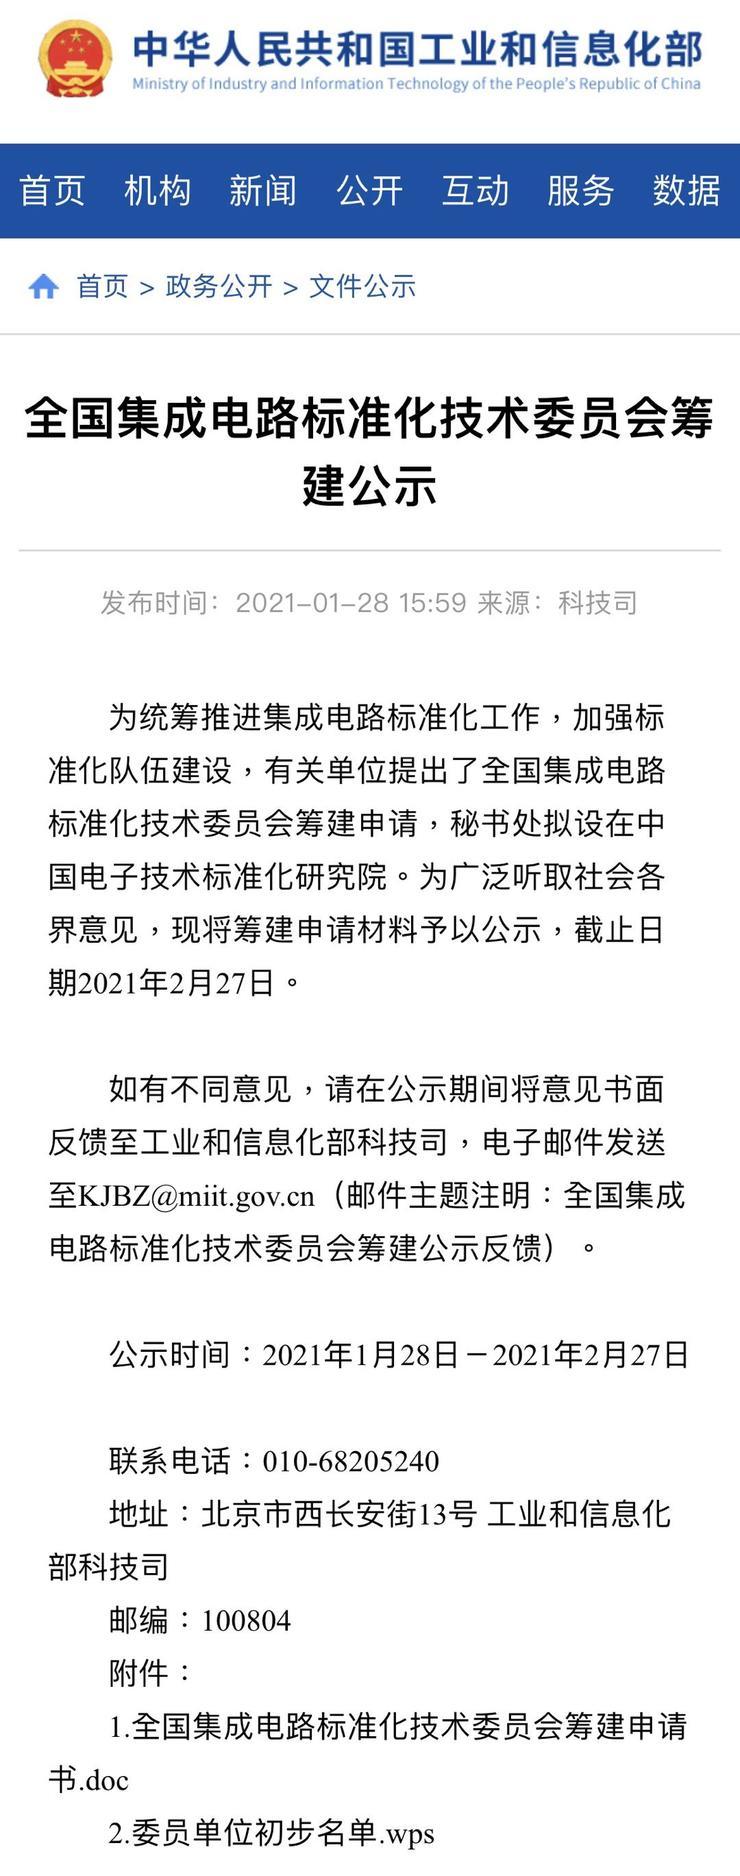 华为海思、阿里、小米等90家单位联名申请!筹建全国集成电路标准化技术委员会